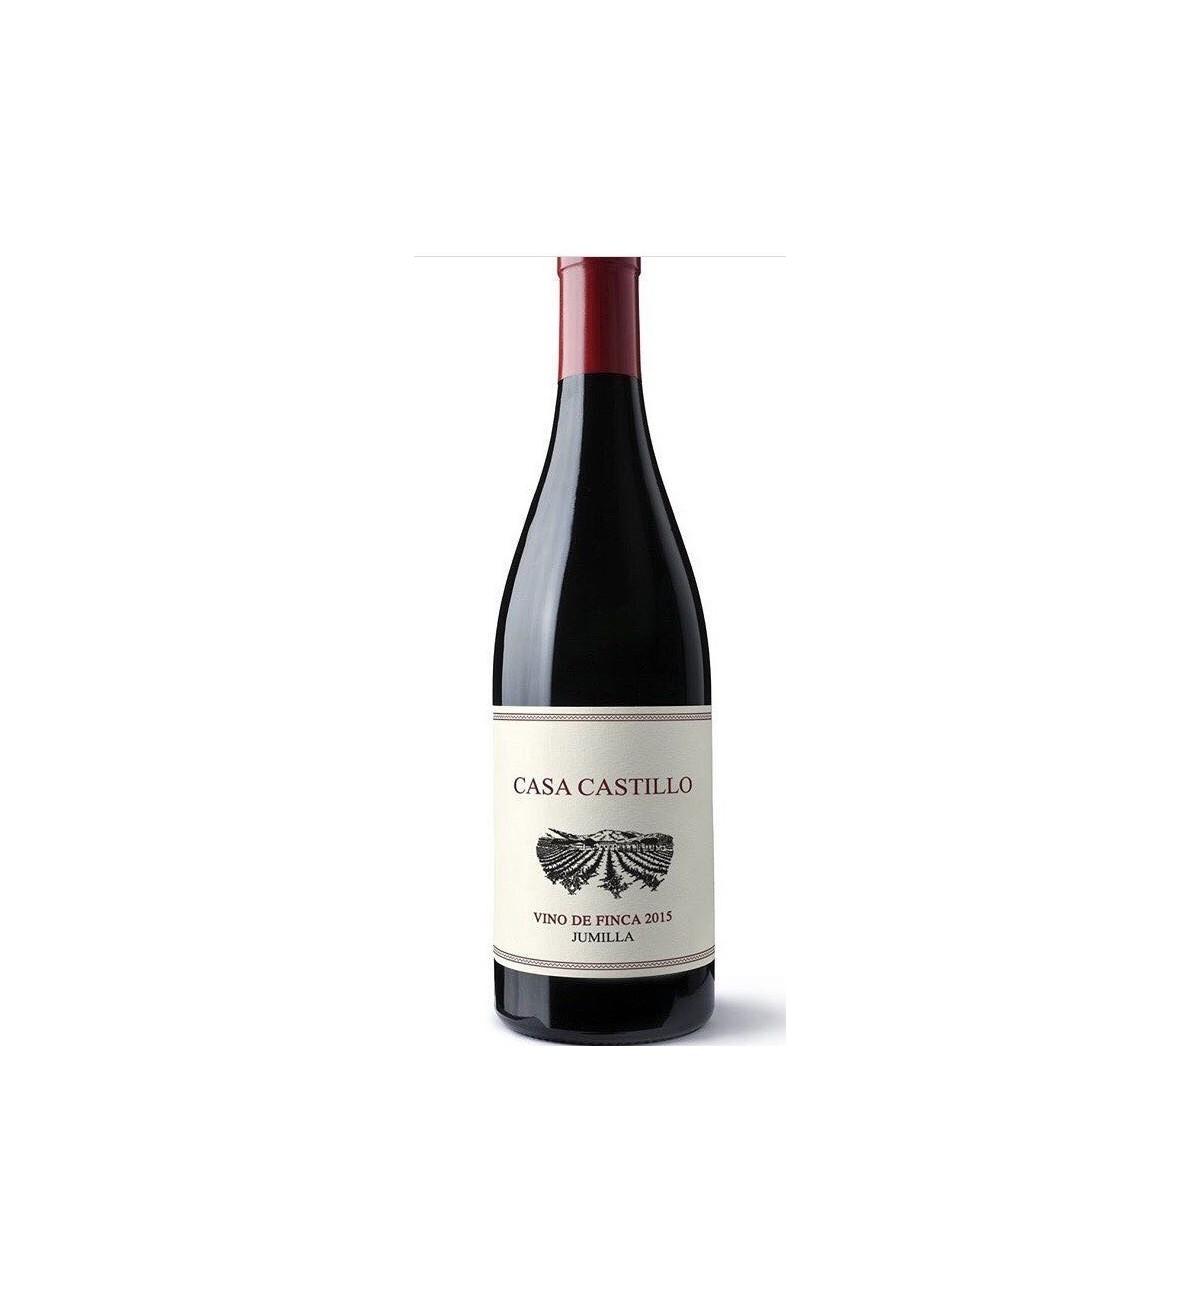 Casa Castillo Vino de Finca 2015 * Vino tinto, Jumilla, Monastrell, Garnacha - muchosvinos.com